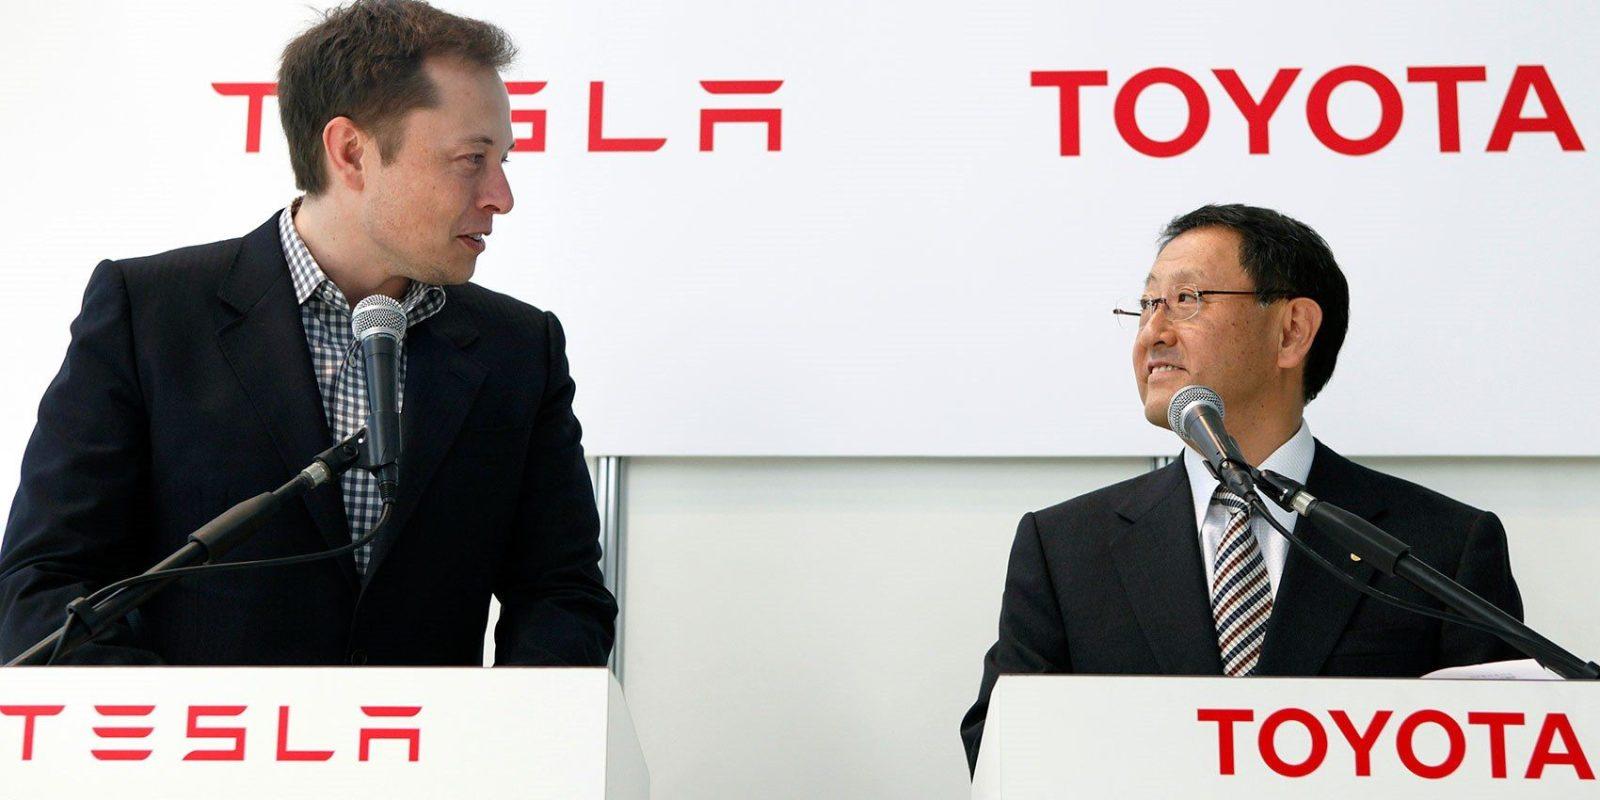 2035 Jepang Larang Kendaraan Bensin, CEO Toyota Buat Statement Serang Mobil Listrik